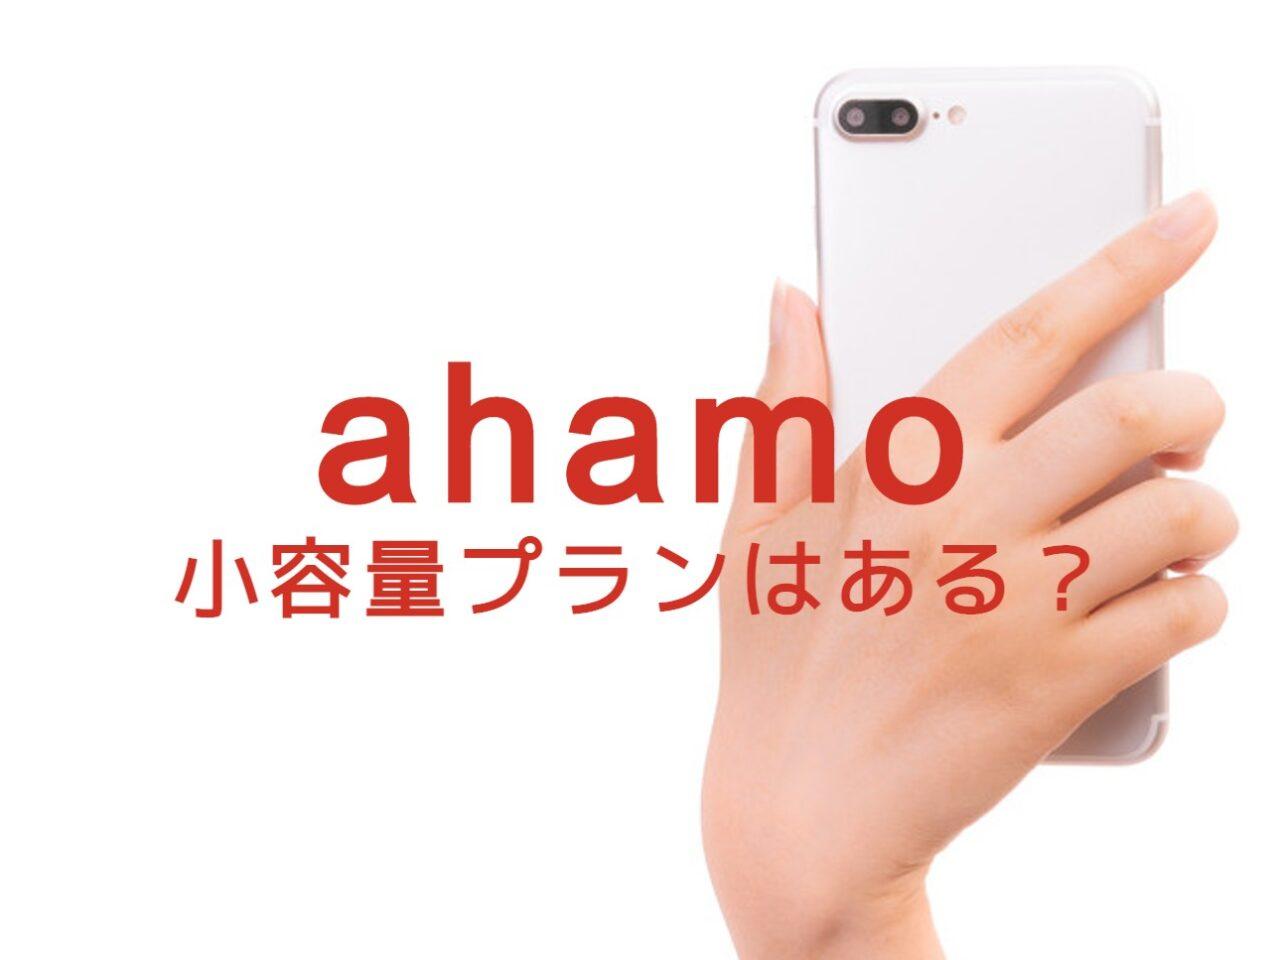 povo 2.0に対抗したドコモのahamo(アハモ)の小容量プランはある?のサムネイル画像